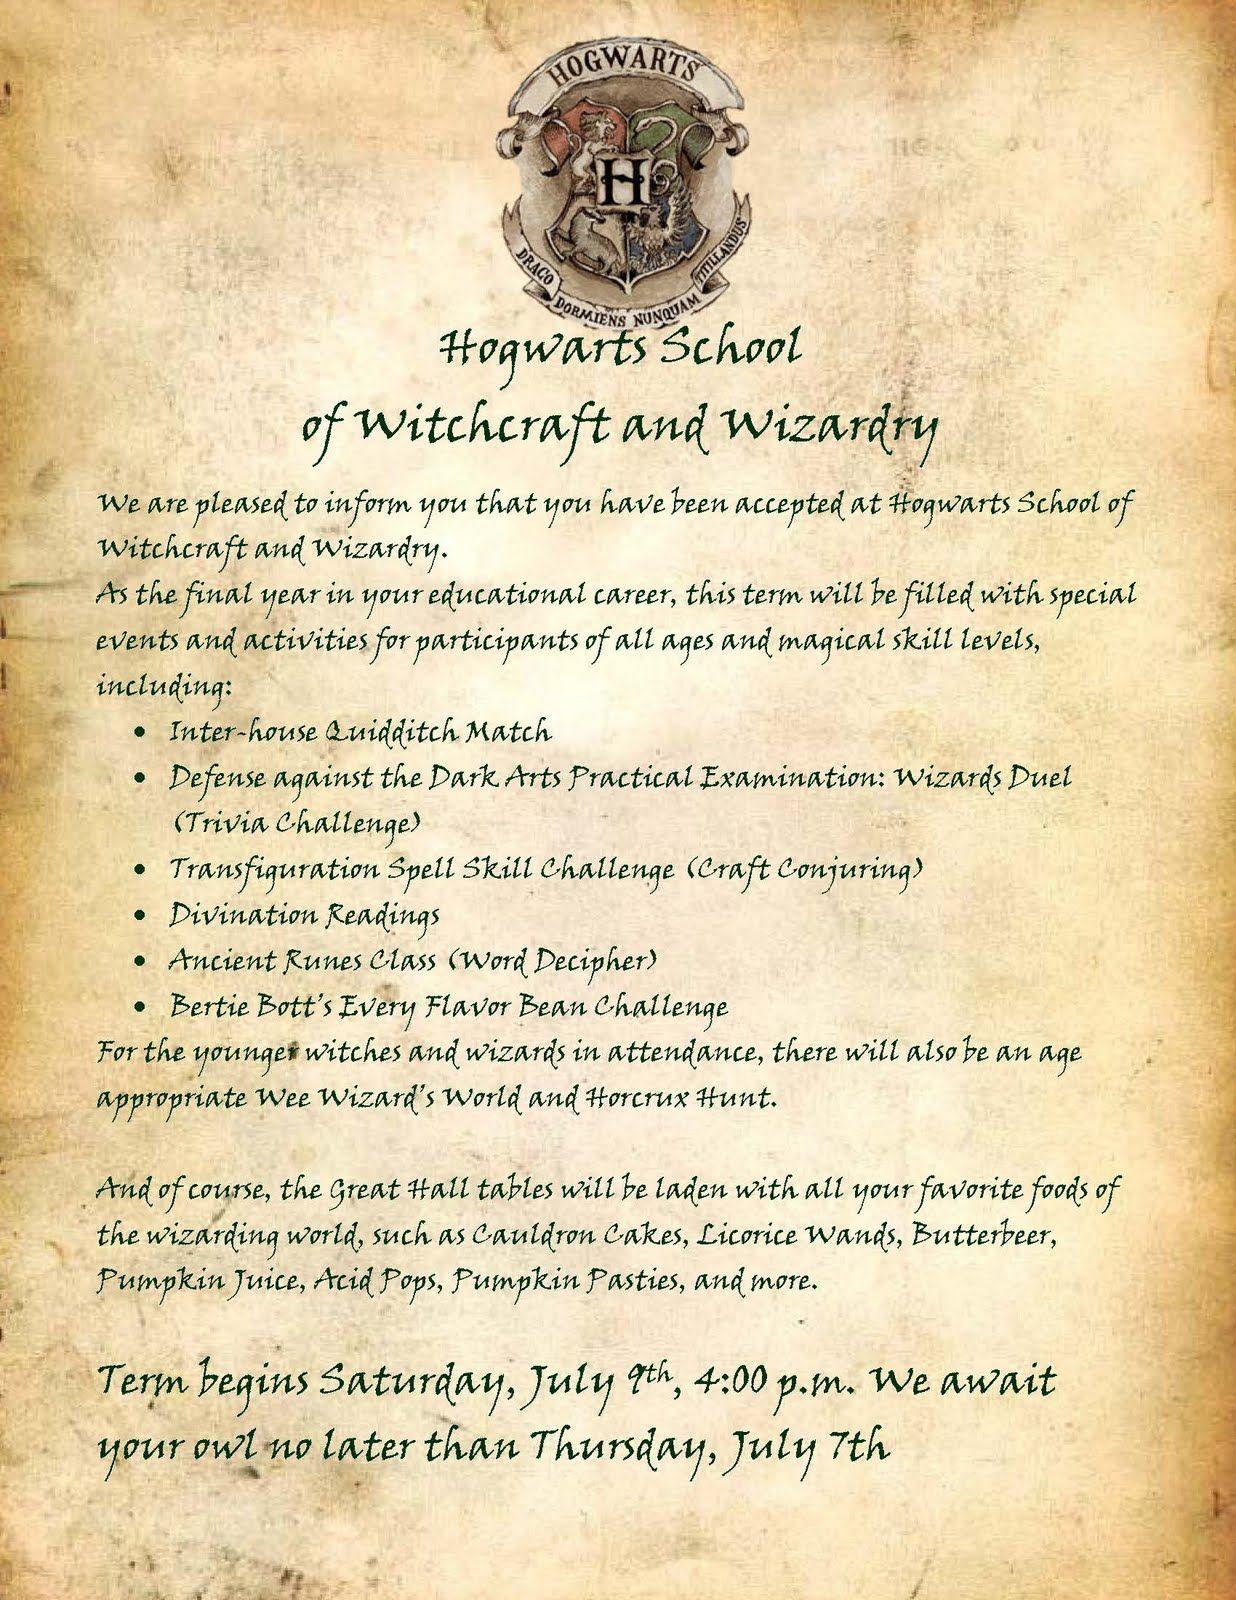 Hogwarts Letter 16 Jpg 1 236 1 600 Pixels Harry Potter Camp